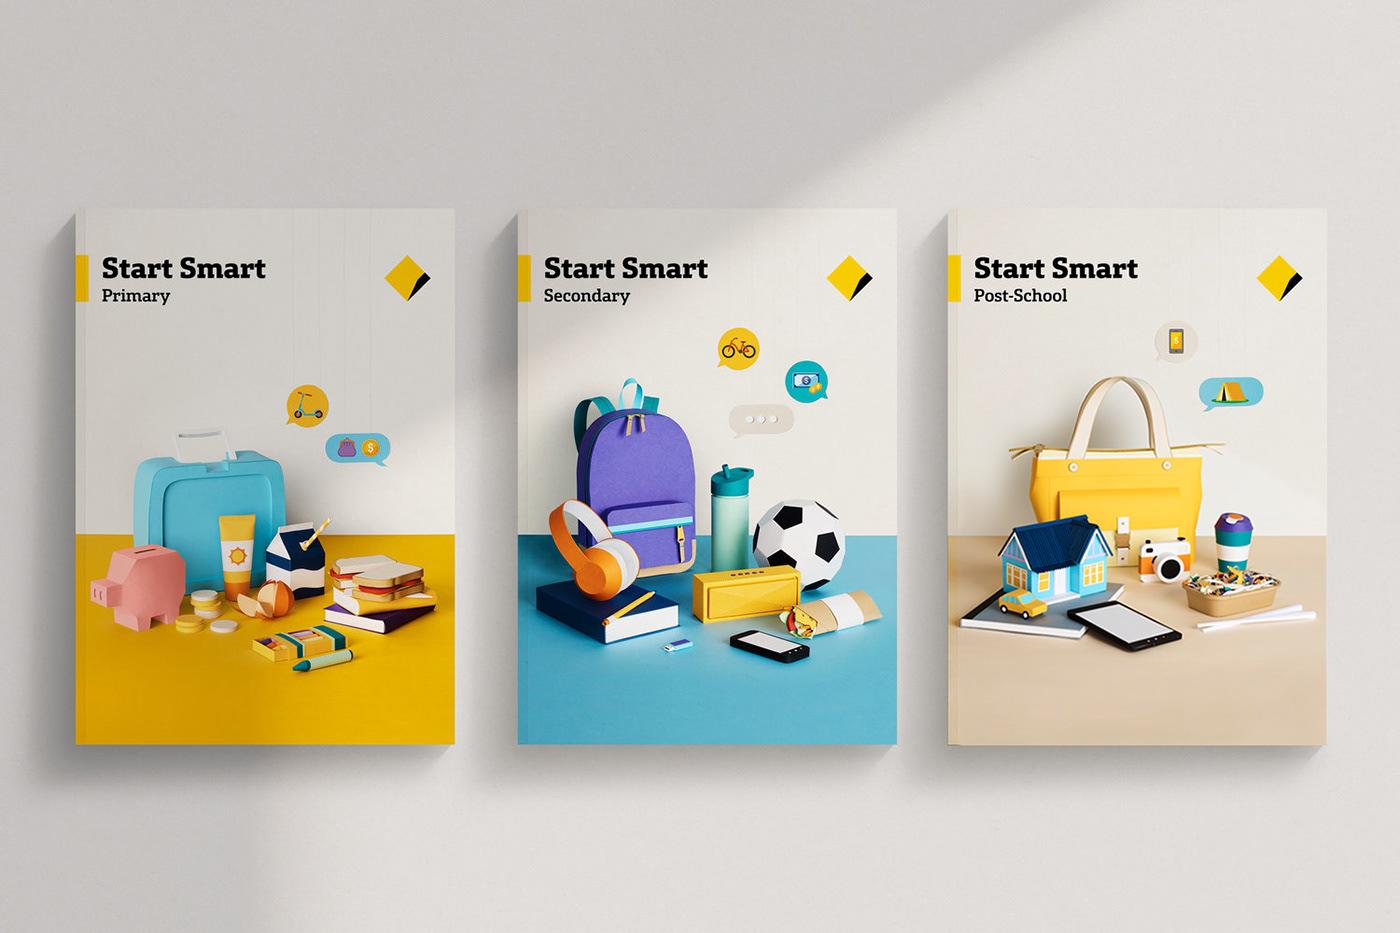 paper money kids Start Smart Education teaching smile